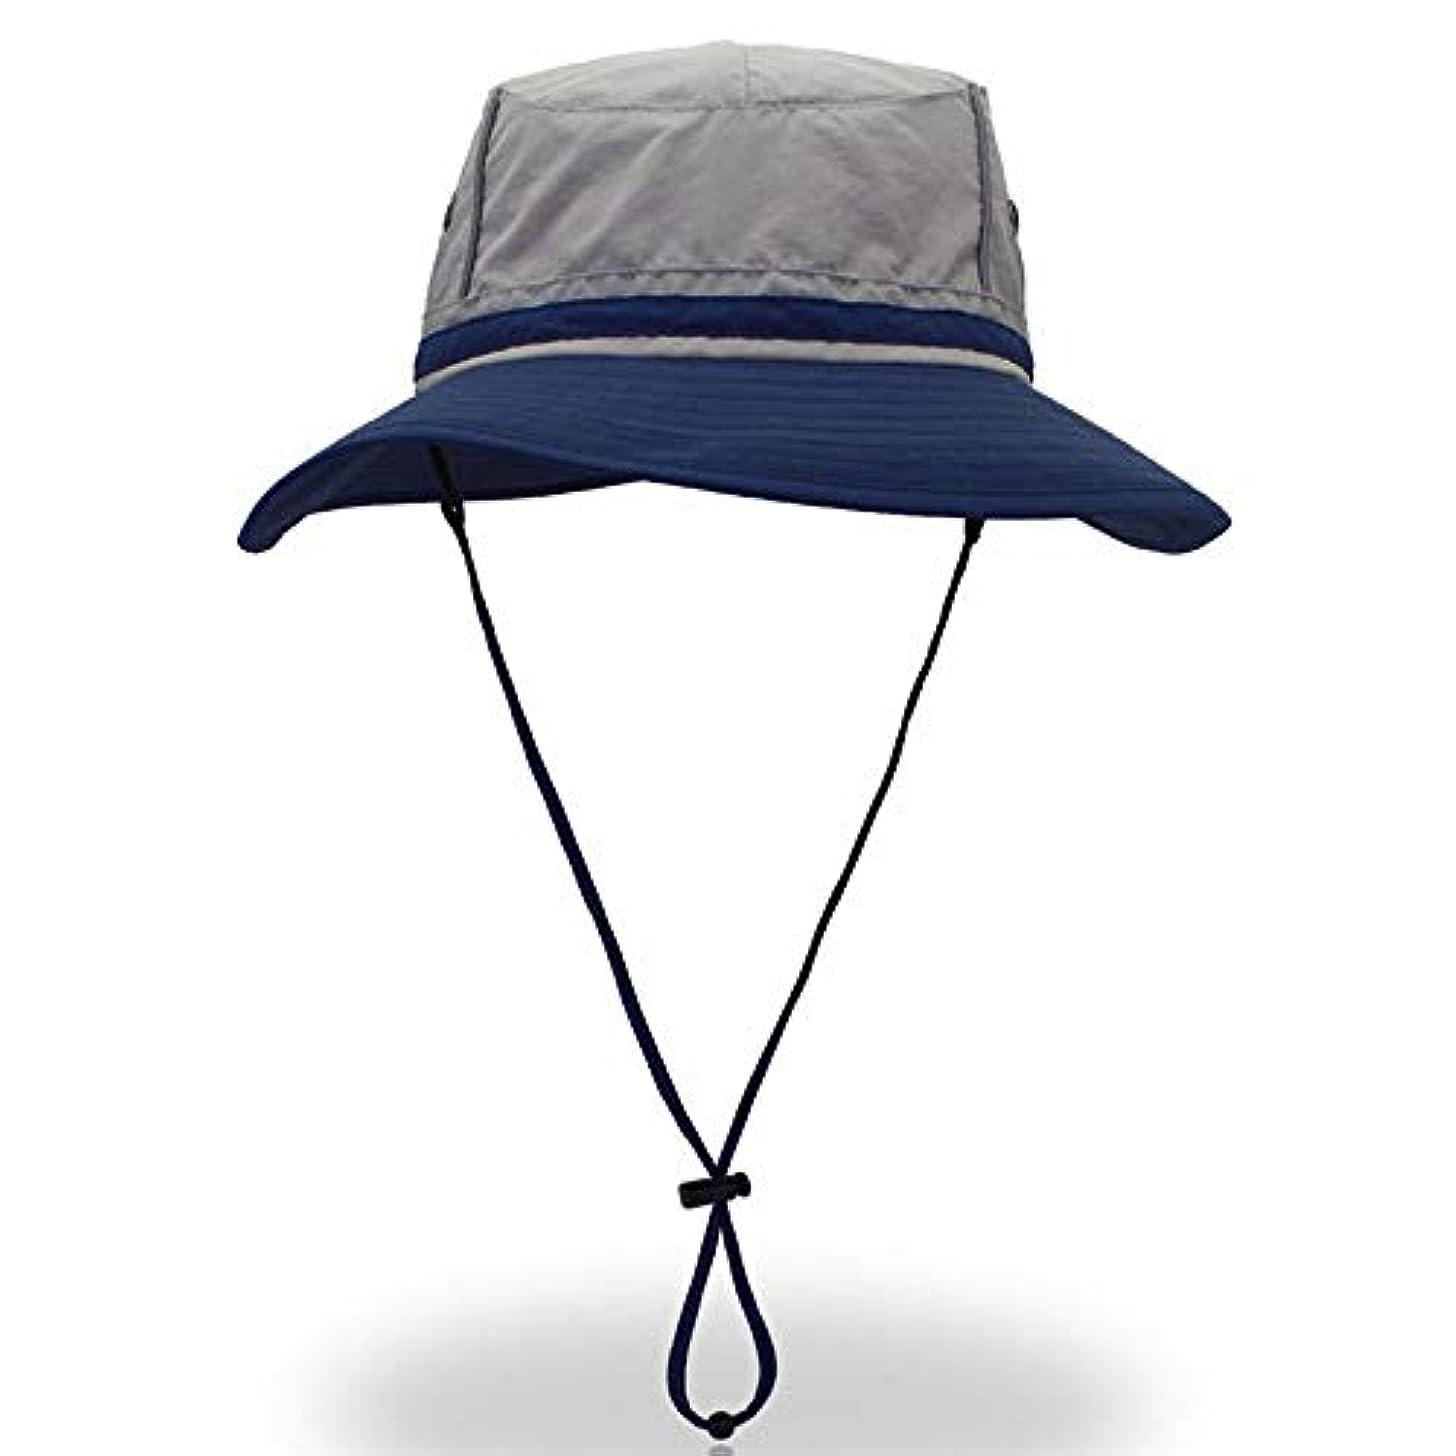 シリング自動キュービック釣りブーニーハット、女性男性UPF 50+ UVプロテクション広いつばの夏の屋外ビーチフィッシングハットのための日焼け止め、釣りのための屋外の帽子、キャンプ、サファリ。